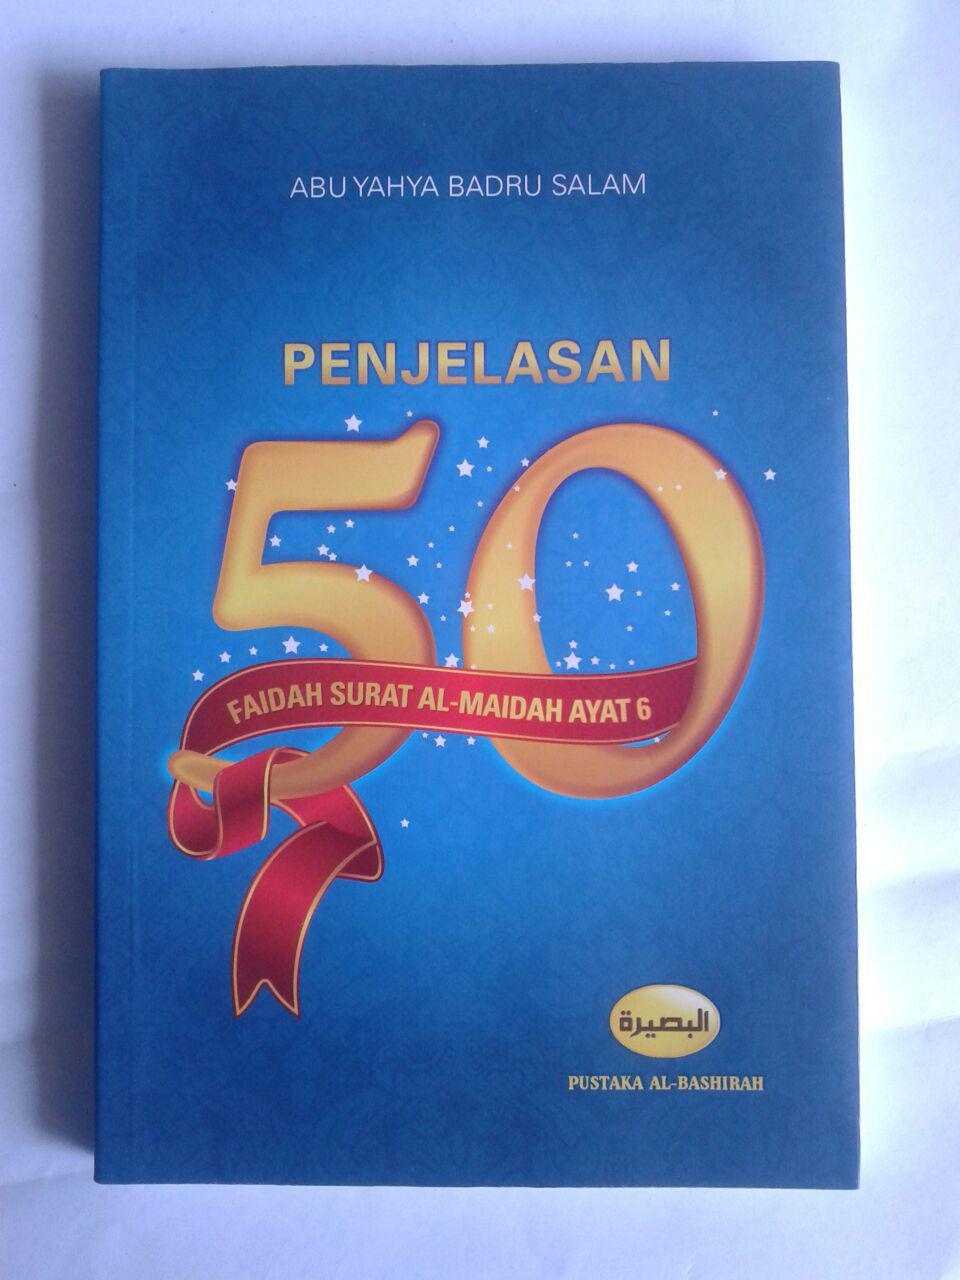 Buku Penjelasan 50 Faidah Surat Al-Maidah Ayat 6 cover 2